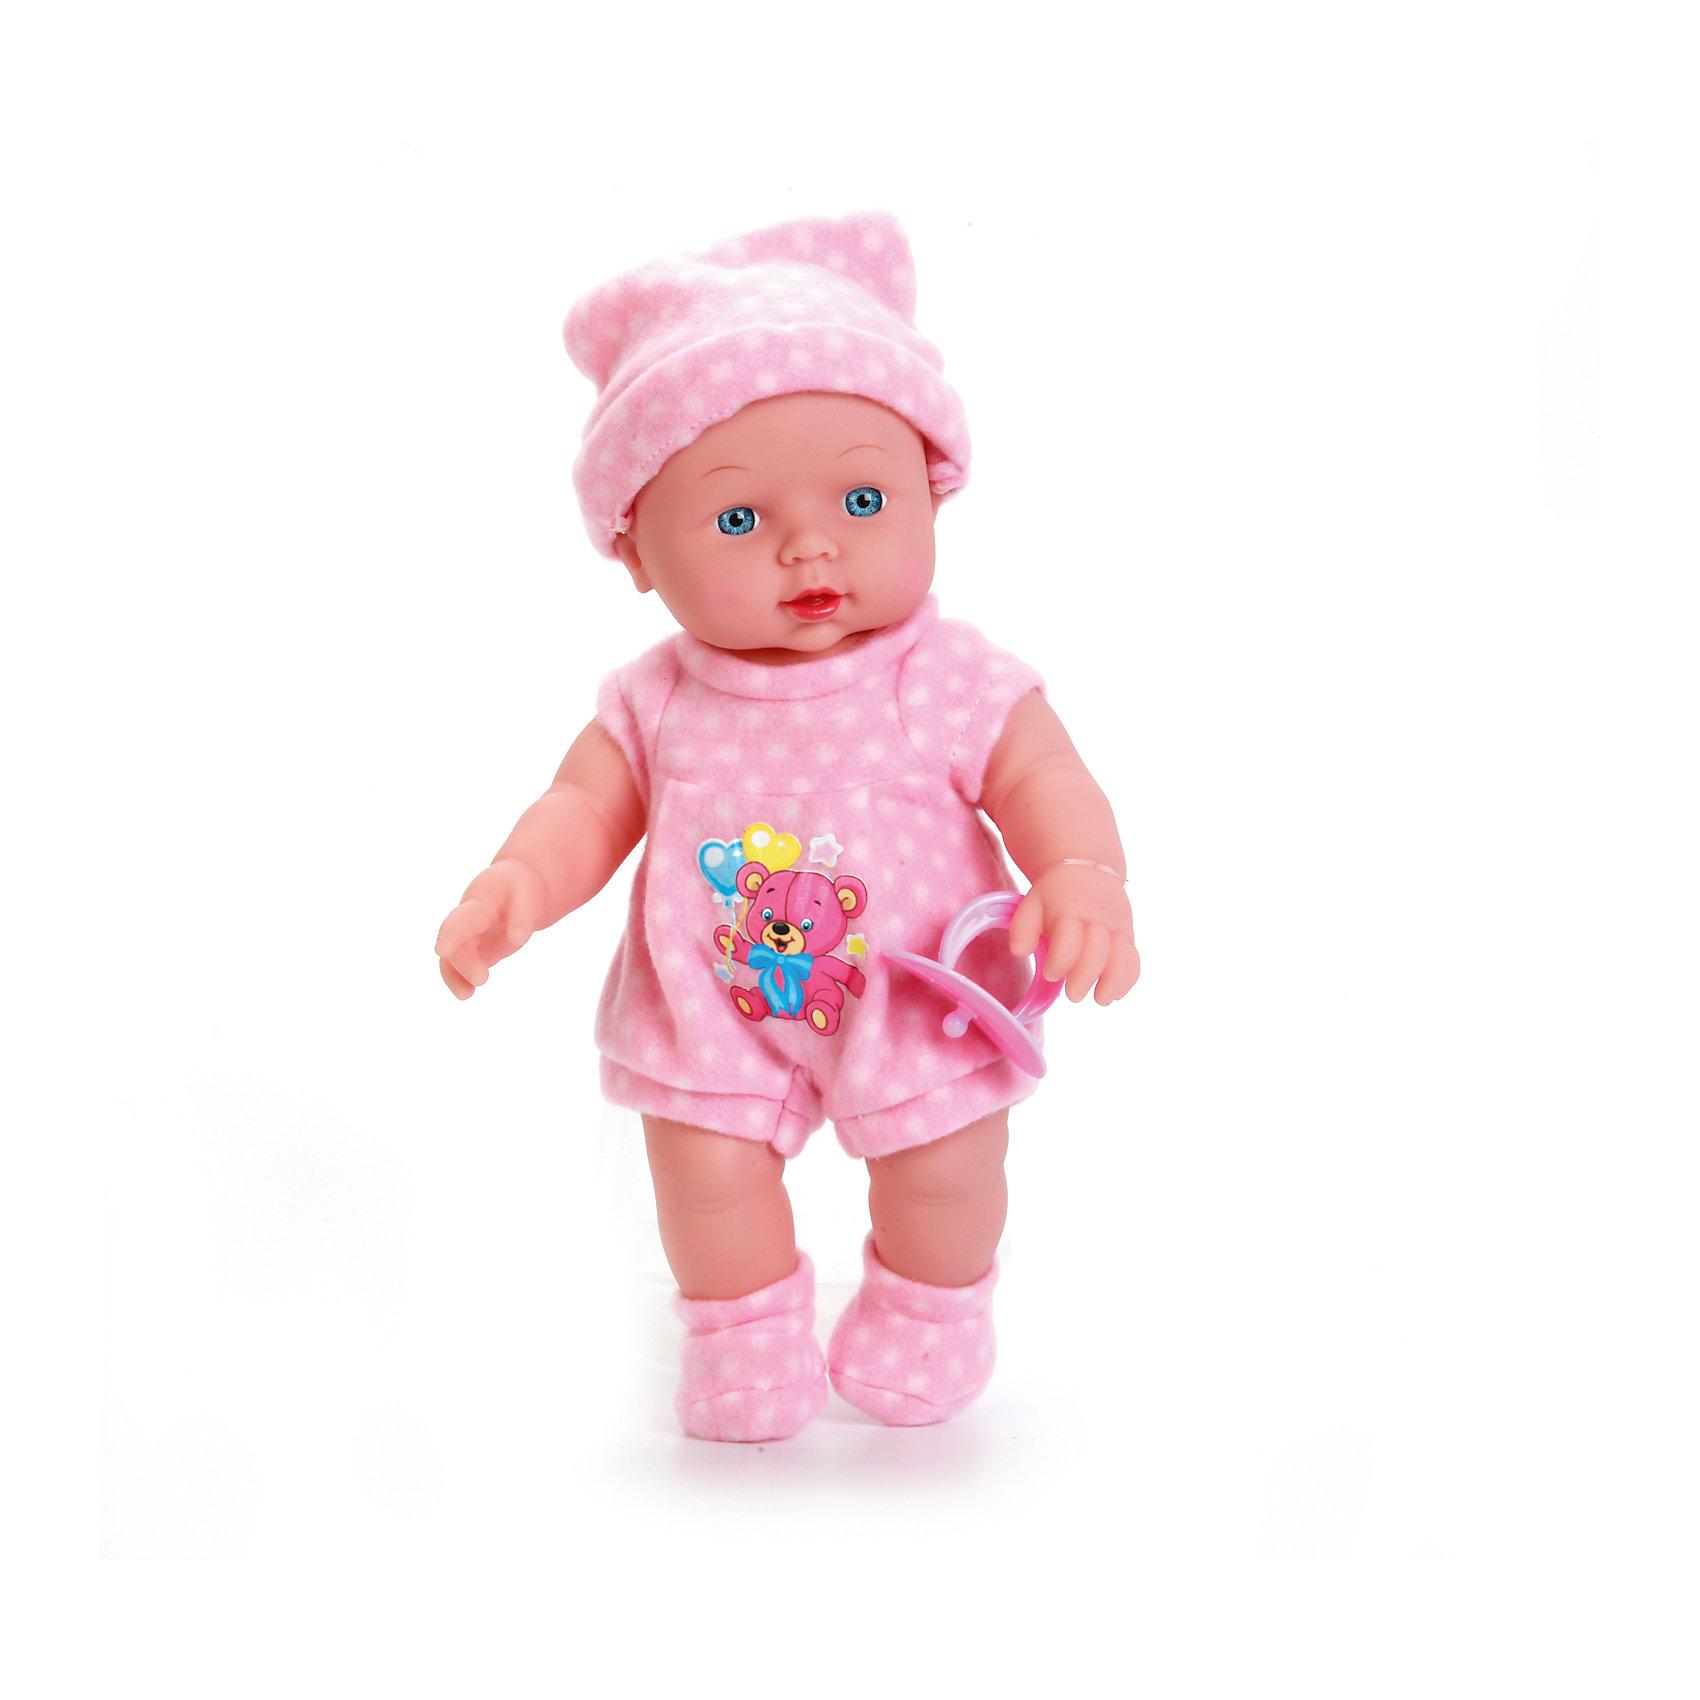 Пупс 30 см, с твердым телом, озвученный, стихи и песенка А. Барто, КарапузИнтерактивные куклы<br>Красивый пупс станет не только любимой игрушкой девочек, а также и их вымышленным ребёнком, о котором можно заботиться. Кукла выглядит очень реалистично благодаря детально проработанным складочкам на теле и выразительным чертам лица. Теплый костюмчик пупса украшен аппликацией с изображением медвежонка, а также дополнен мягкими носочками и шапочкой. Игрушка озвучена, поэтому при нажатии на животик она поет песенку «Лошадка» и стихи Агнии Барто «Бычок», «Зайка» и «Мишка». У пупса подвижные части тела (голова, ноги, руки), поэтому его можно сажать на стульчик или класть в постель.<br><br>Ширина мм: 80<br>Глубина мм: 100<br>Высота мм: 34<br>Вес г: 610<br>Возраст от месяцев: 36<br>Возраст до месяцев: 60<br>Пол: Женский<br>Возраст: Детский<br>SKU: 6863974